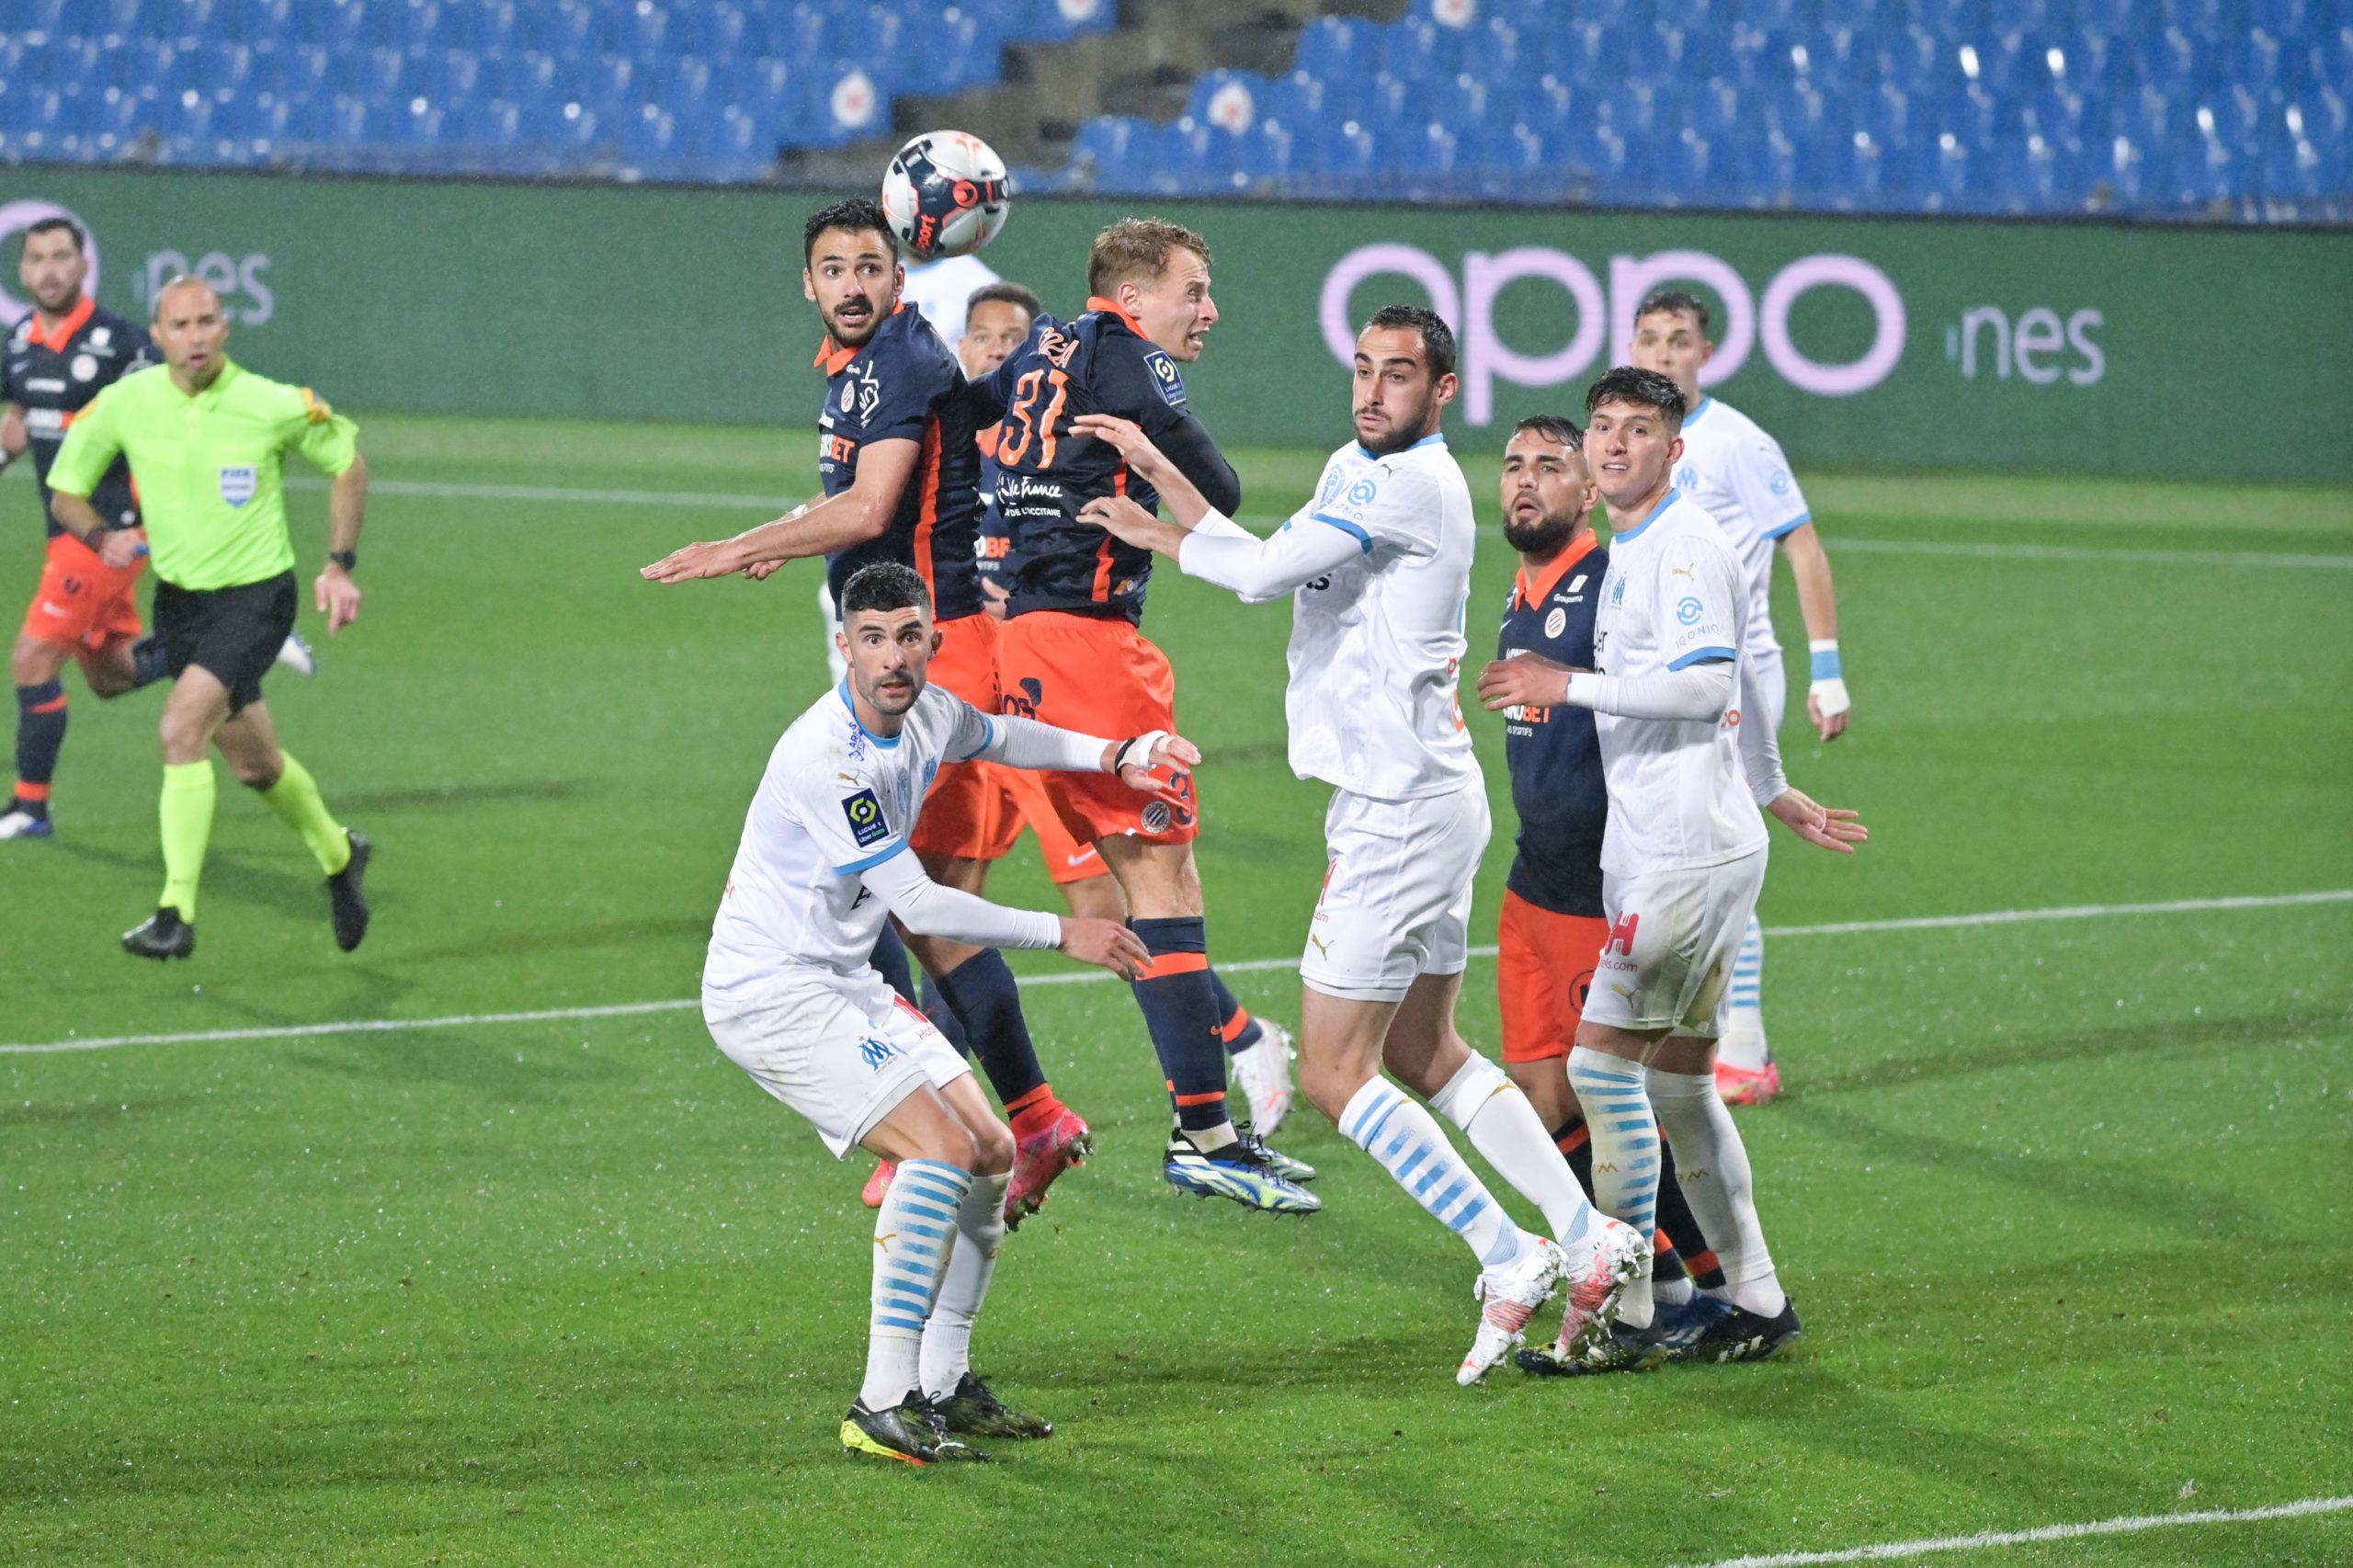 OM - René Malleville devient fou en voyant l'équipe jouer